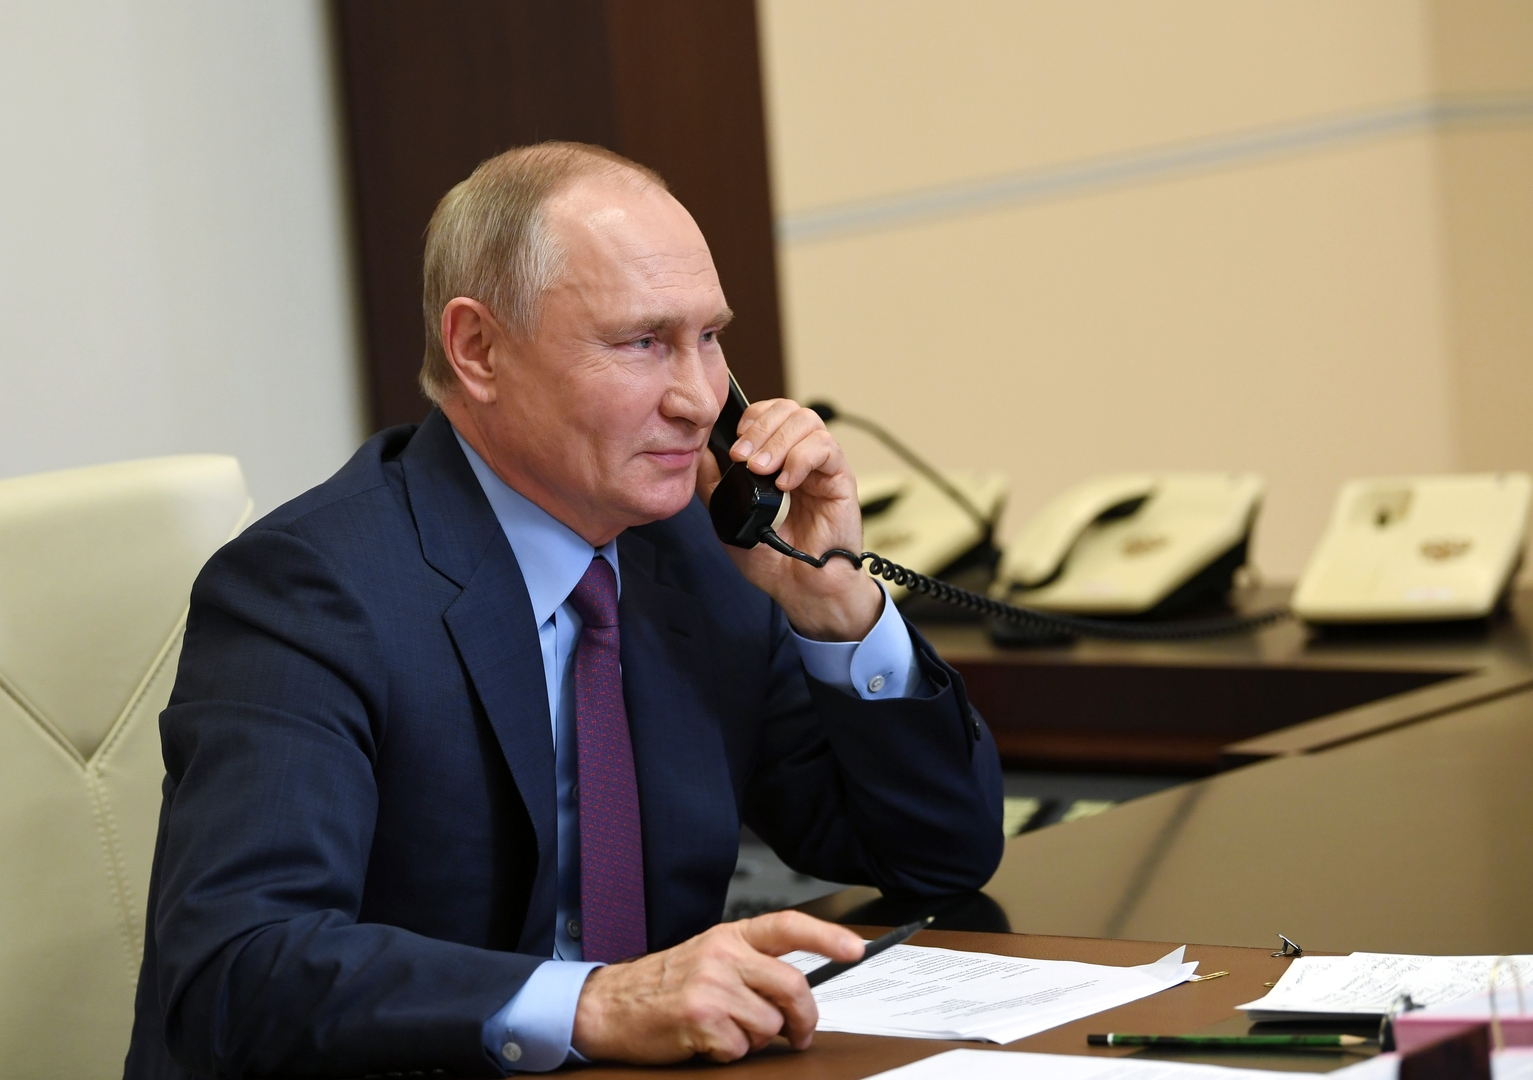 بوتين يحقق أمنية لإحدى المحاربات القدامى